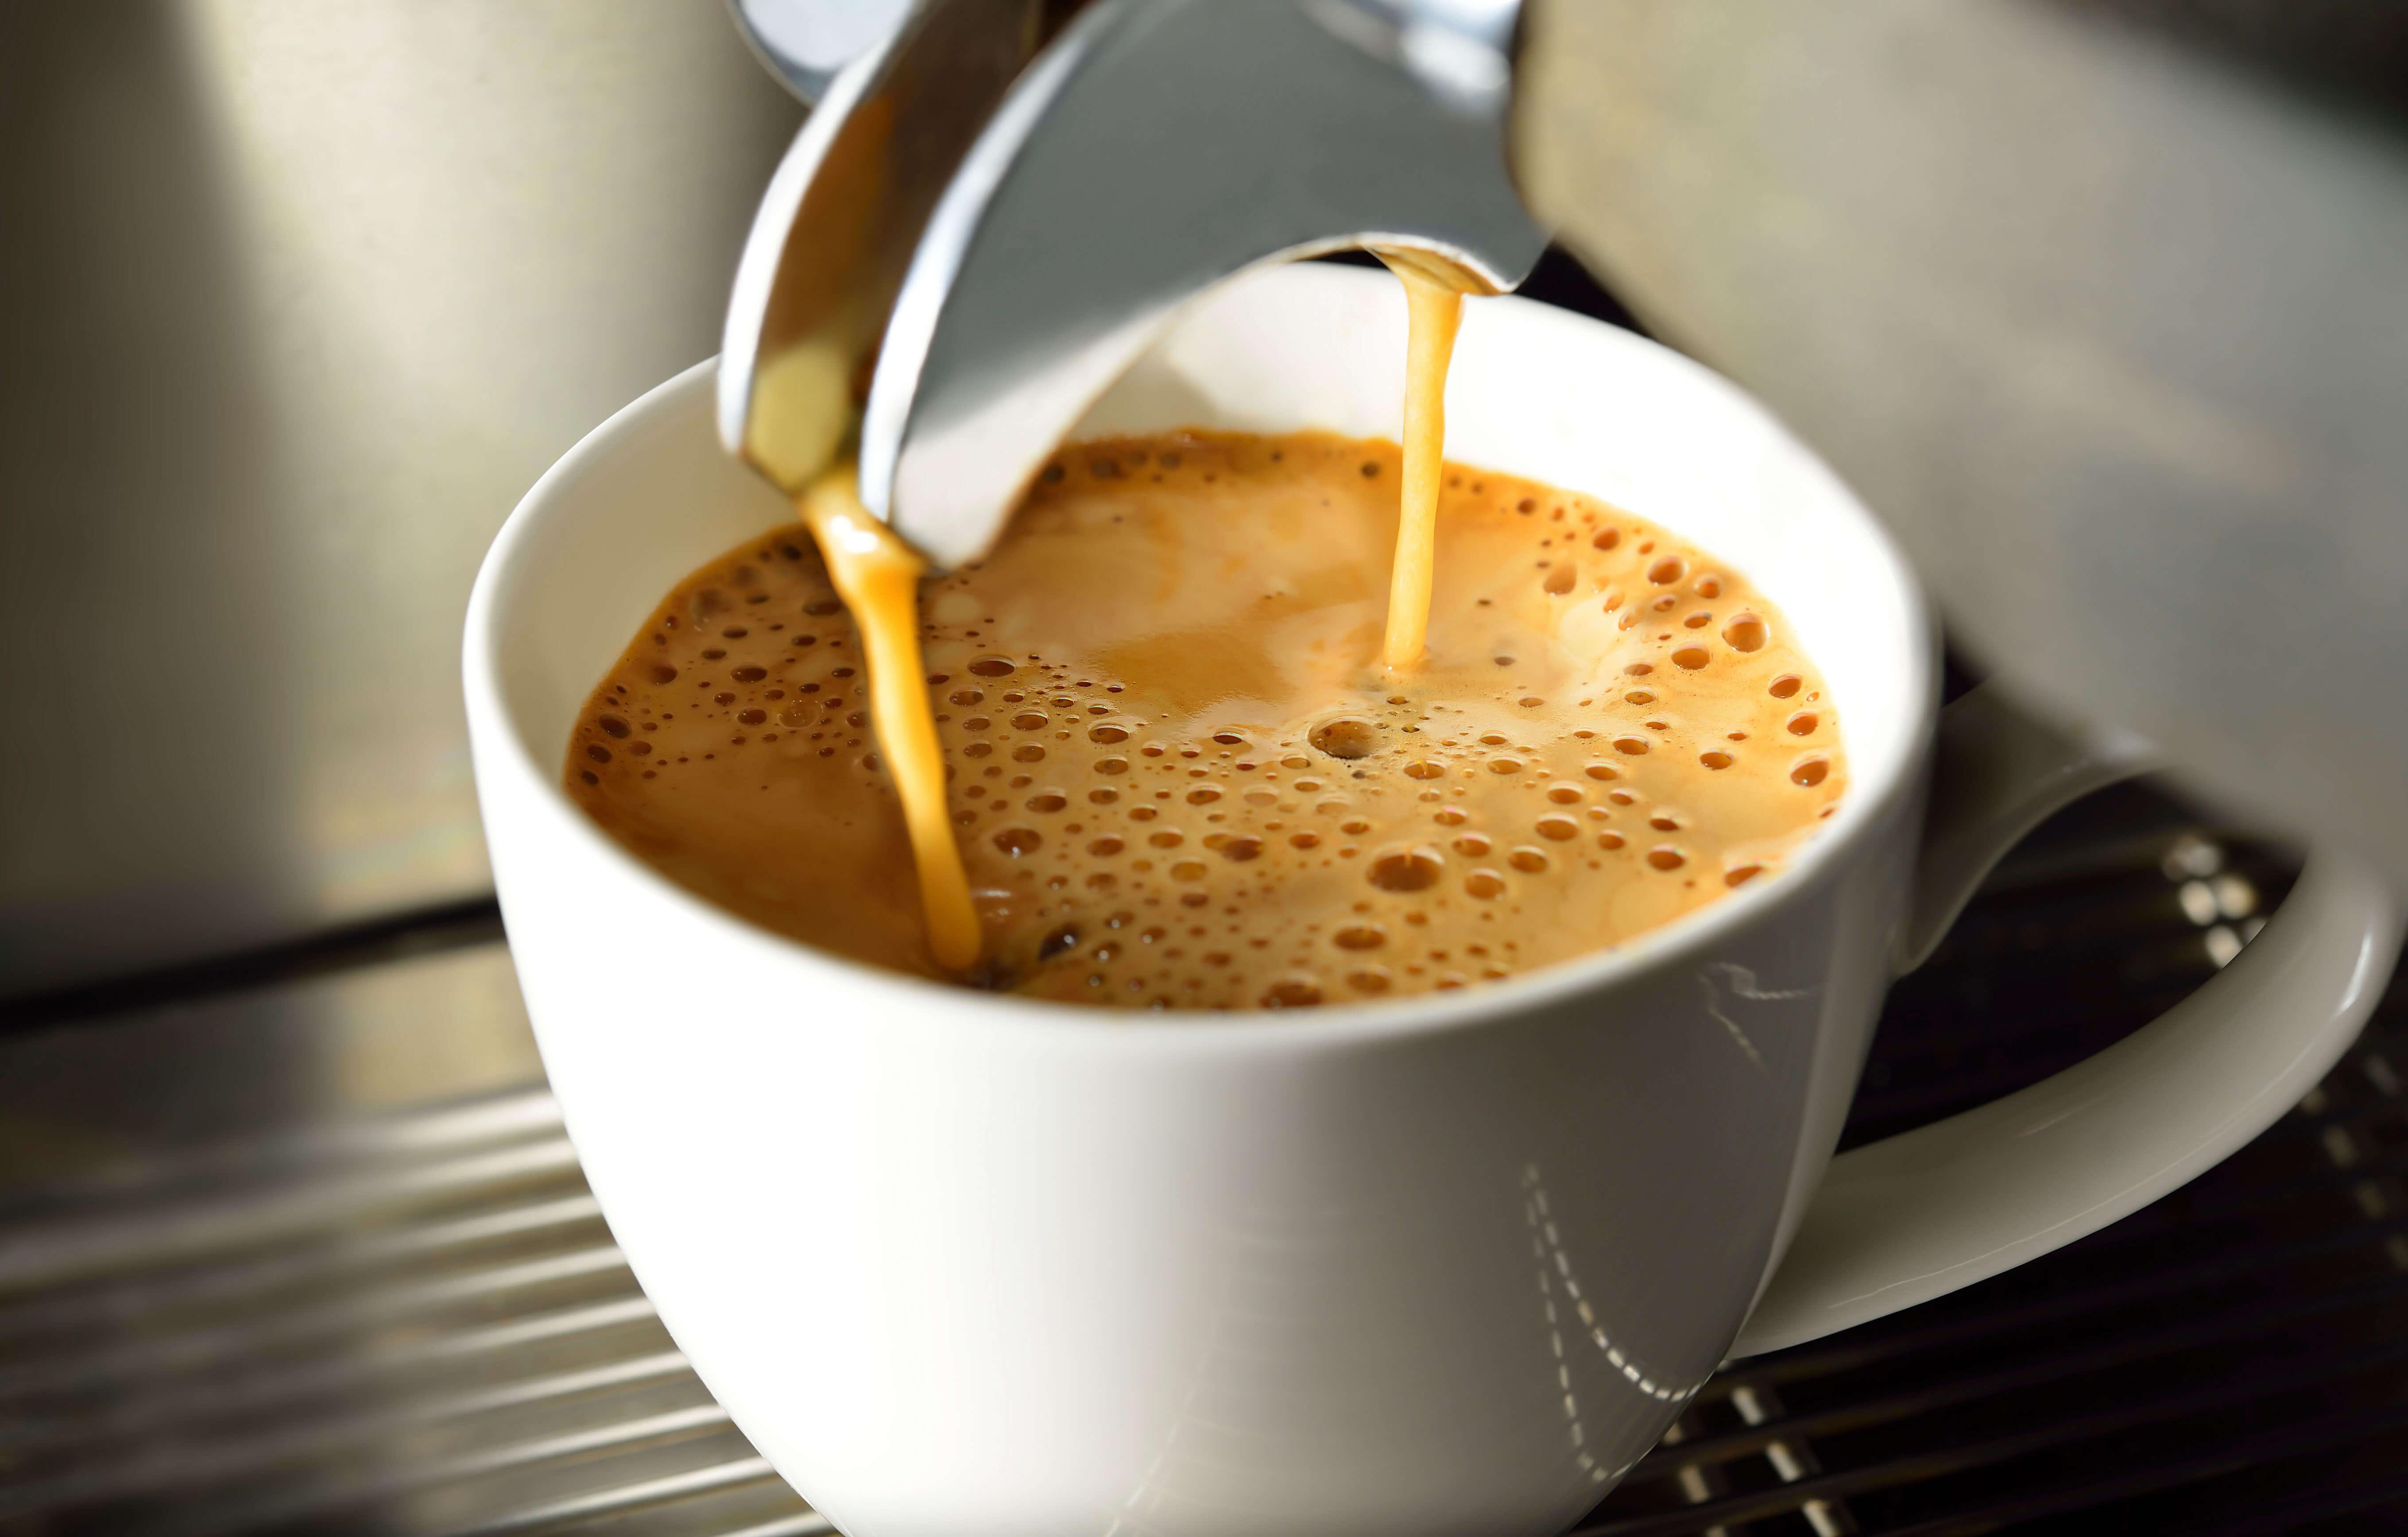 Snack Automaten und frischer Kaffee